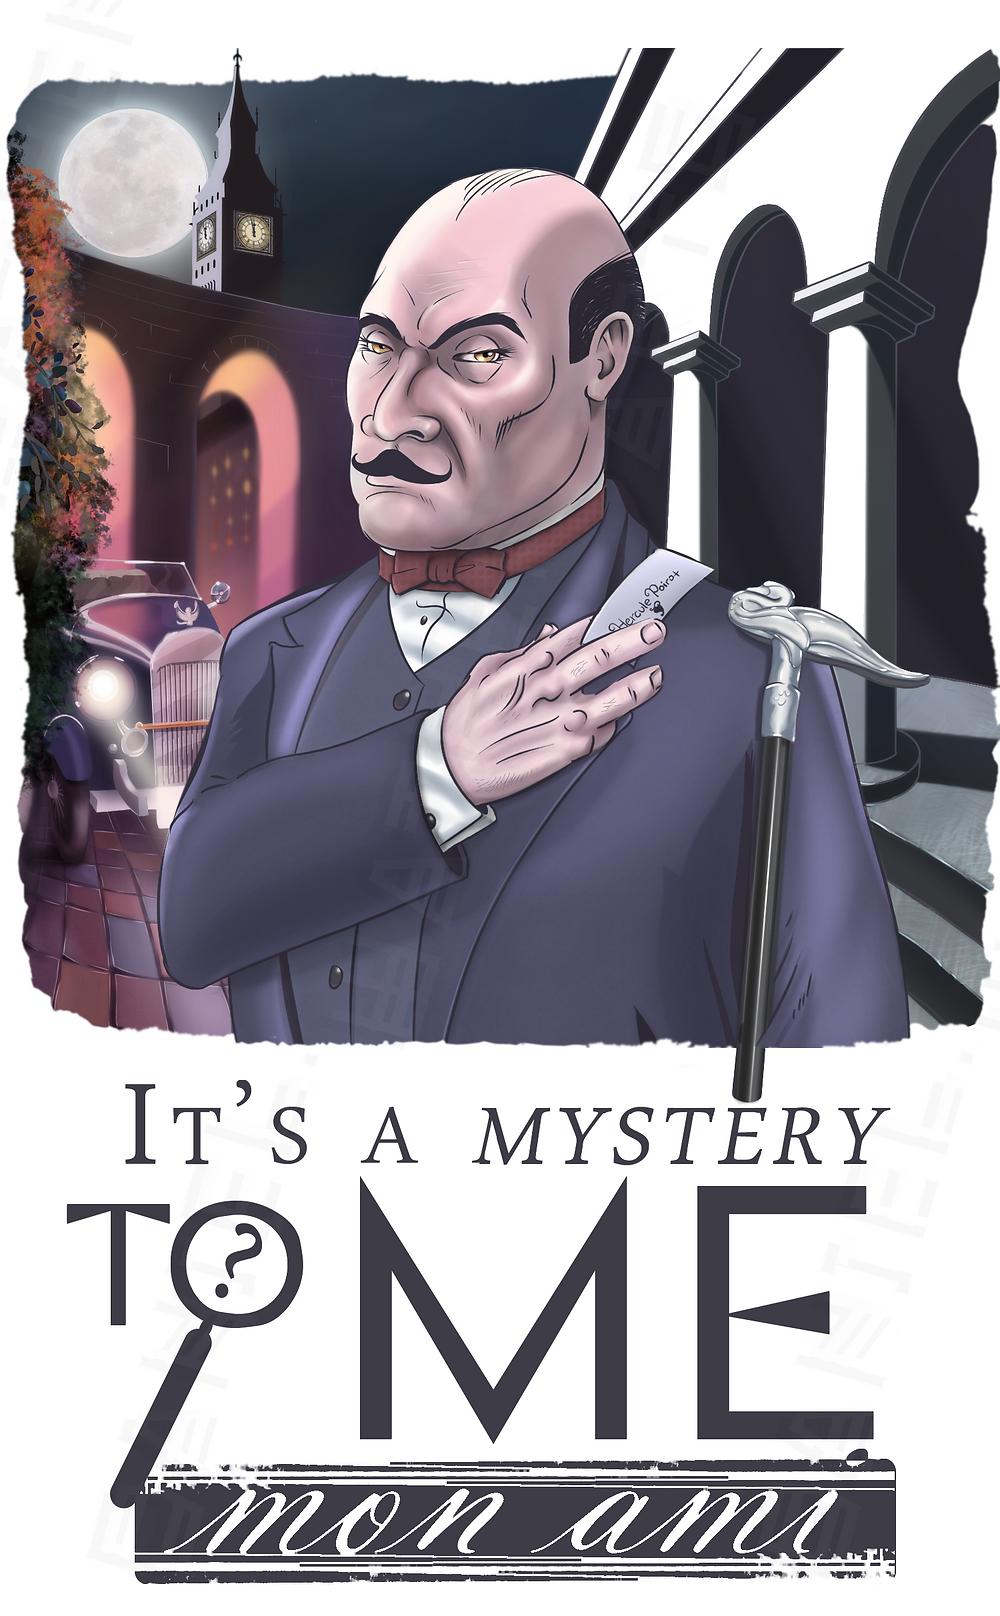 Poirot illustration by Daniel Wathen